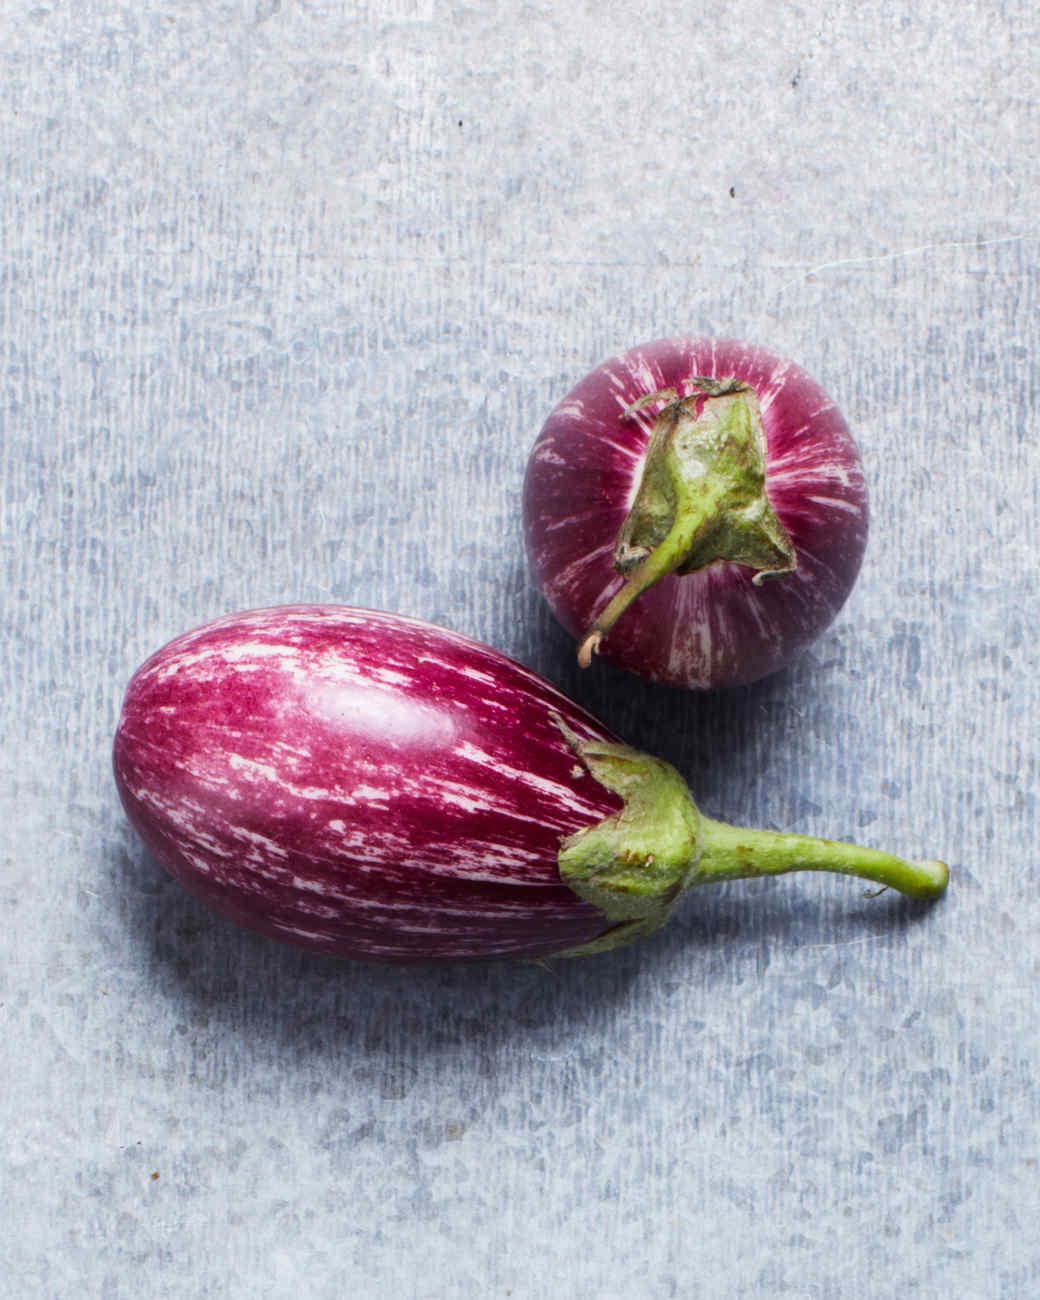 eggplant-glossary-096-d110486-0515.jpg